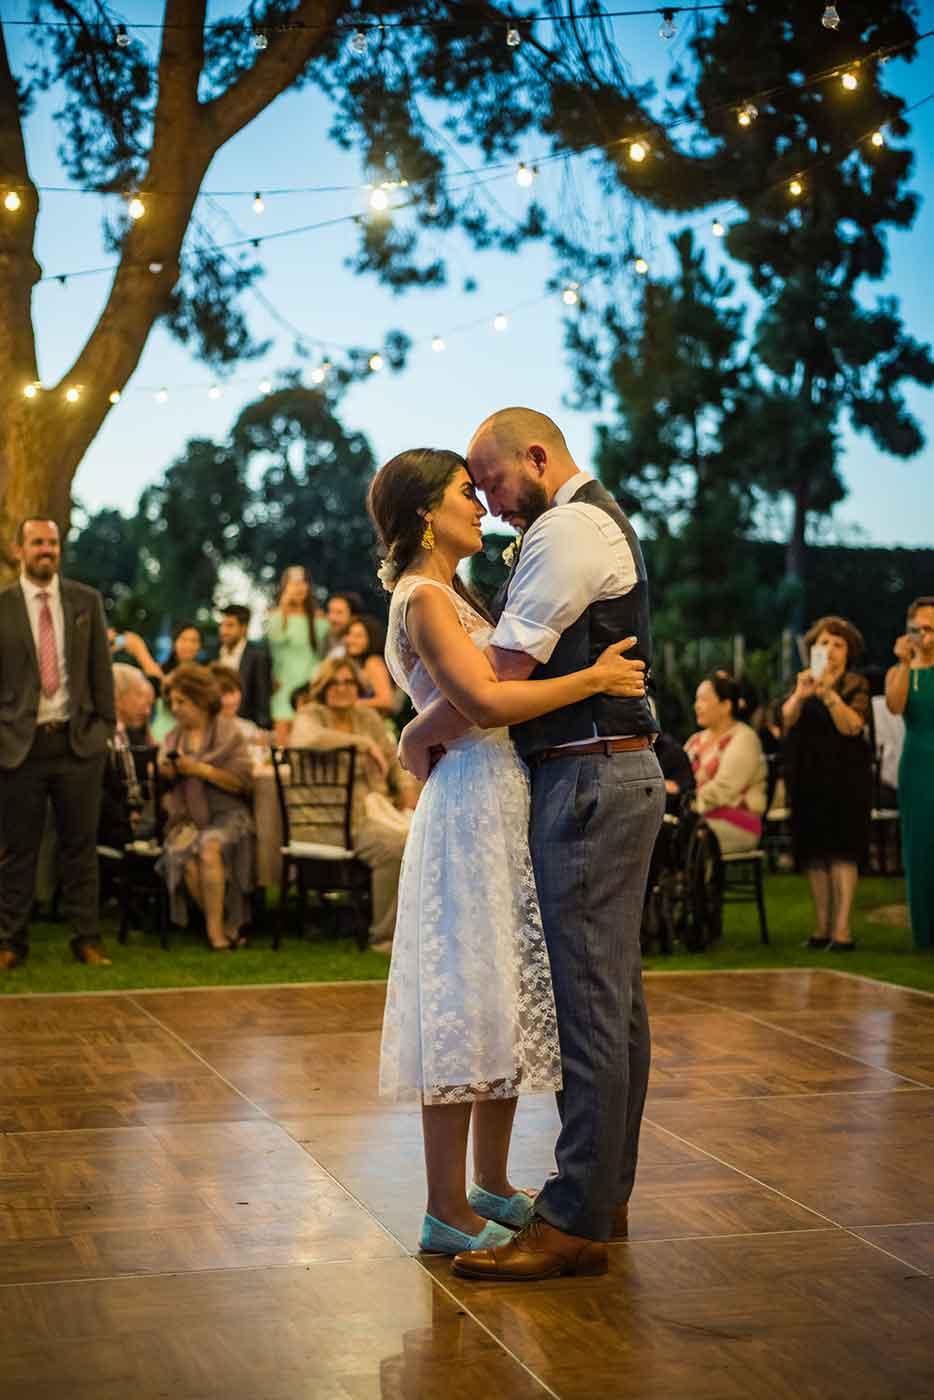 smlNahal-+-Joe-Wedding---Aug-2015-143.jpg